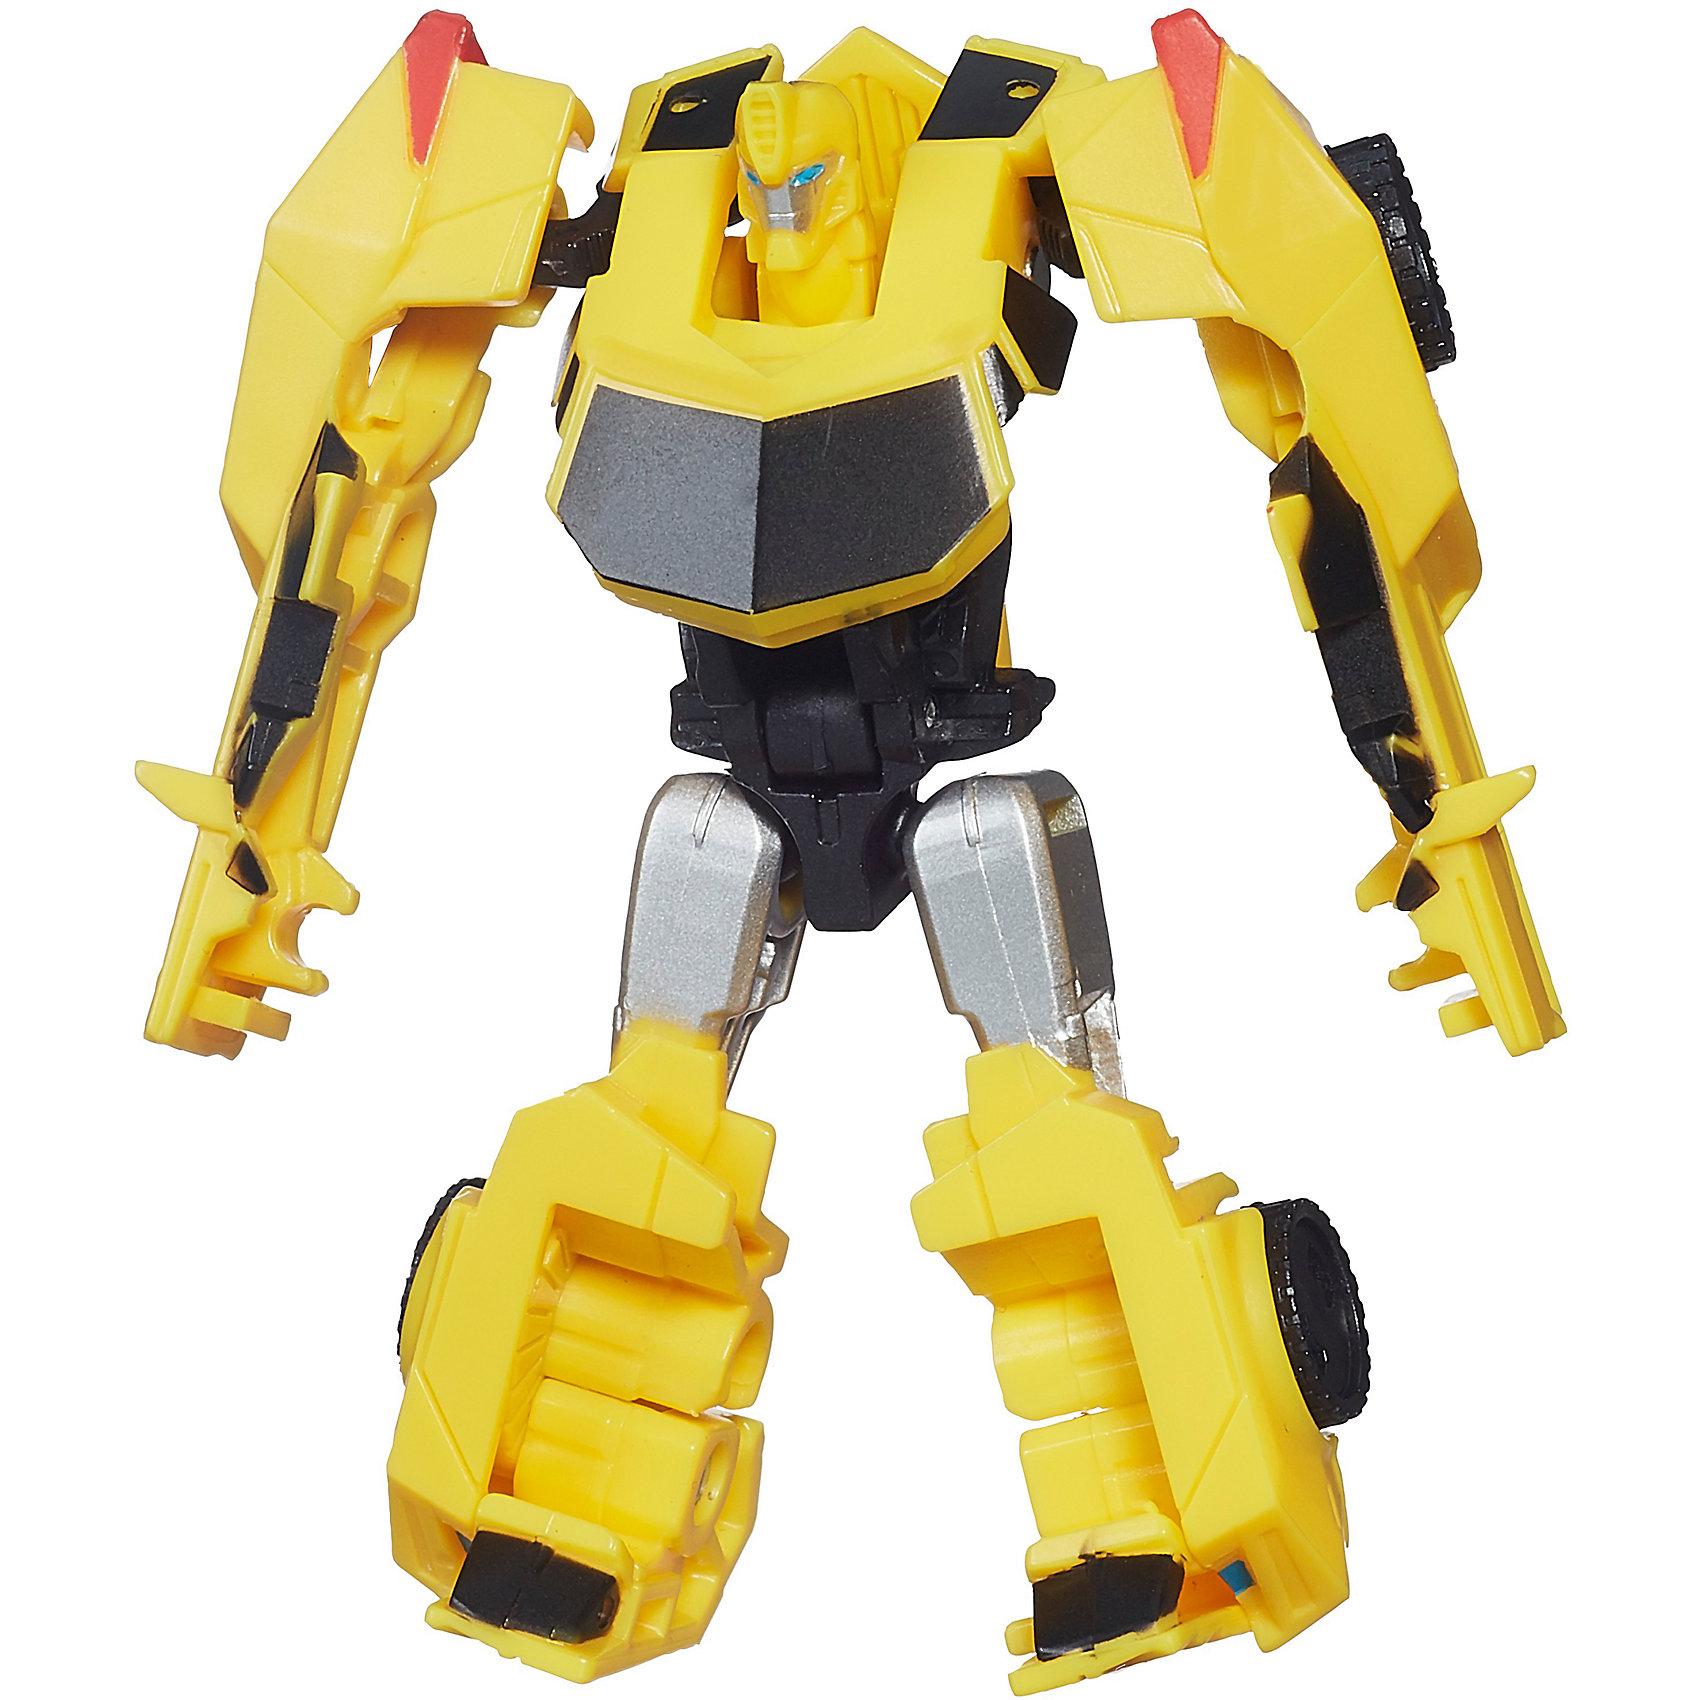 Роботс-ин-Дисгайс  Легион, Трансформеры, B0065/B0891Коллекционные и игровые фигурки<br>Роботс-ин-Дисгайс Легион, Трансформеры, Hasbro станет замечательным подарком для всех поклонников фильма Трансформеры (Transformers). Фигурки Robots in Disguise созданы по мотивам этого знаменитого фантастического фильма, повествующего о могучих роботах, способных трансформироваться в любые транспортные средства. Робот из данного набора также наделен способностями своего персонажа из фильма, всего 5 движений - и он преобразуется в мощный спортивный автомобиль!  В ассортименте представлено несколько роботов-персонажей фильма, каждый набор включает только одну фигурку. Для всех поклонников Трансформеров фигурки составят замечательную коллекцию и дополнят игры новыми персонажами.  Дополнительная информация:  - Материал: пластик. - Высота фигурки: 10 см. - Размер упаковки: 17,1 x 10,8 x 3,8 см.    Роботс-ин-Дисгайс Легион, Трансформеры, Hasbro можно купить в нашем интернет-магазине.<br><br>Ширина мм: 172<br>Глубина мм: 111<br>Высота мм: 40<br>Вес г: 22<br>Возраст от месяцев: 48<br>Возраст до месяцев: 96<br>Пол: Мужской<br>Возраст: Детский<br>SKU: 4829657